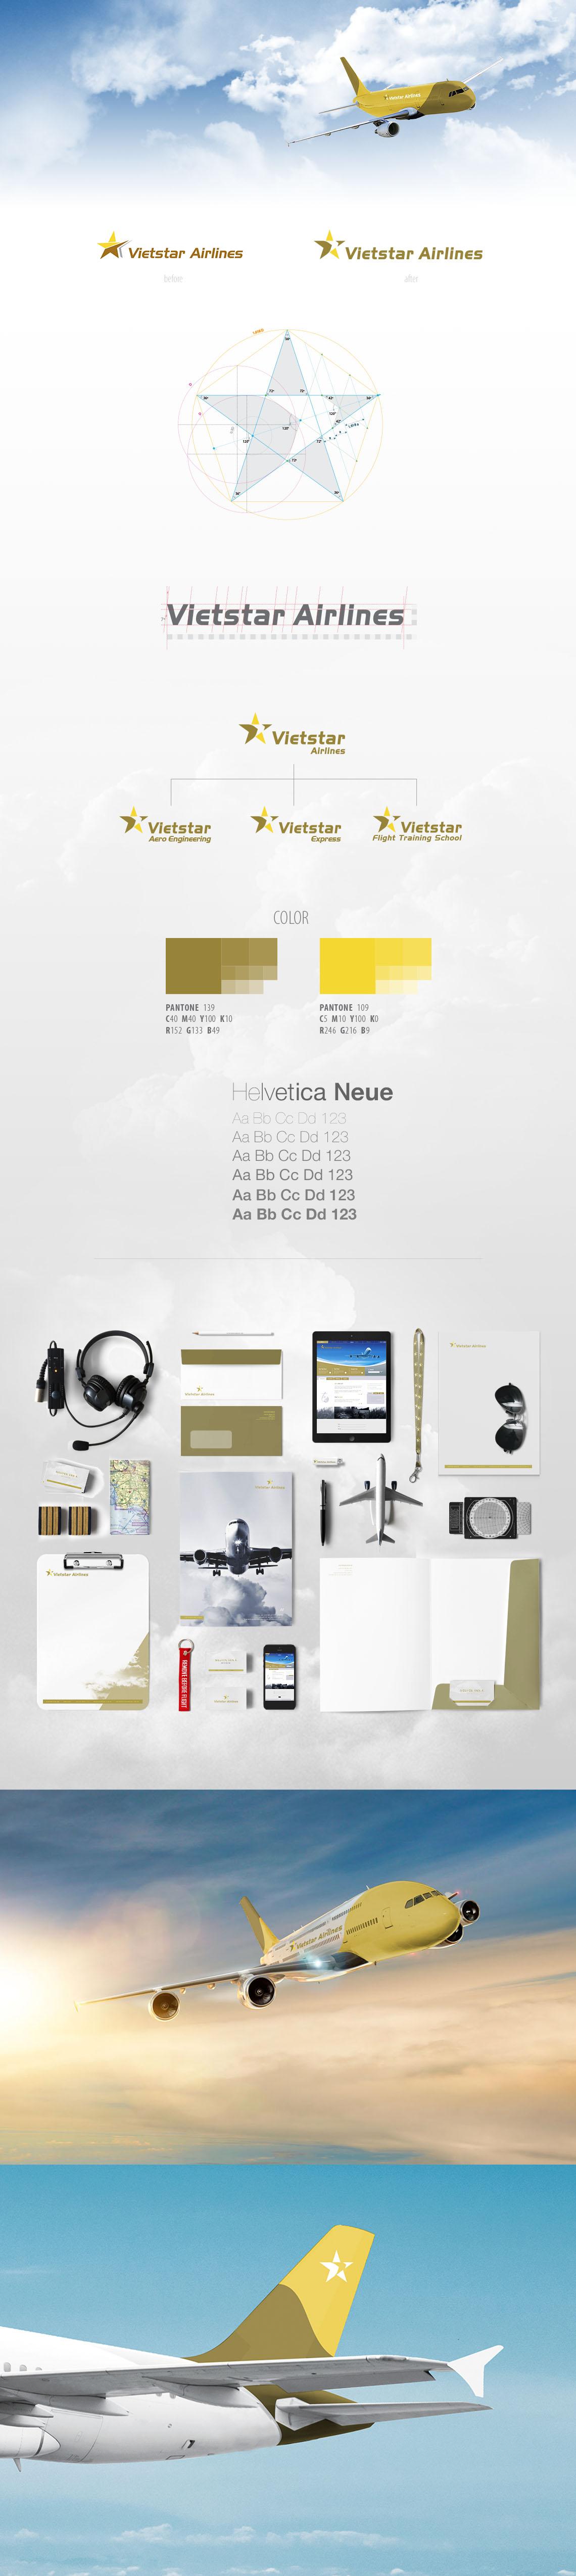 vietstar-airline